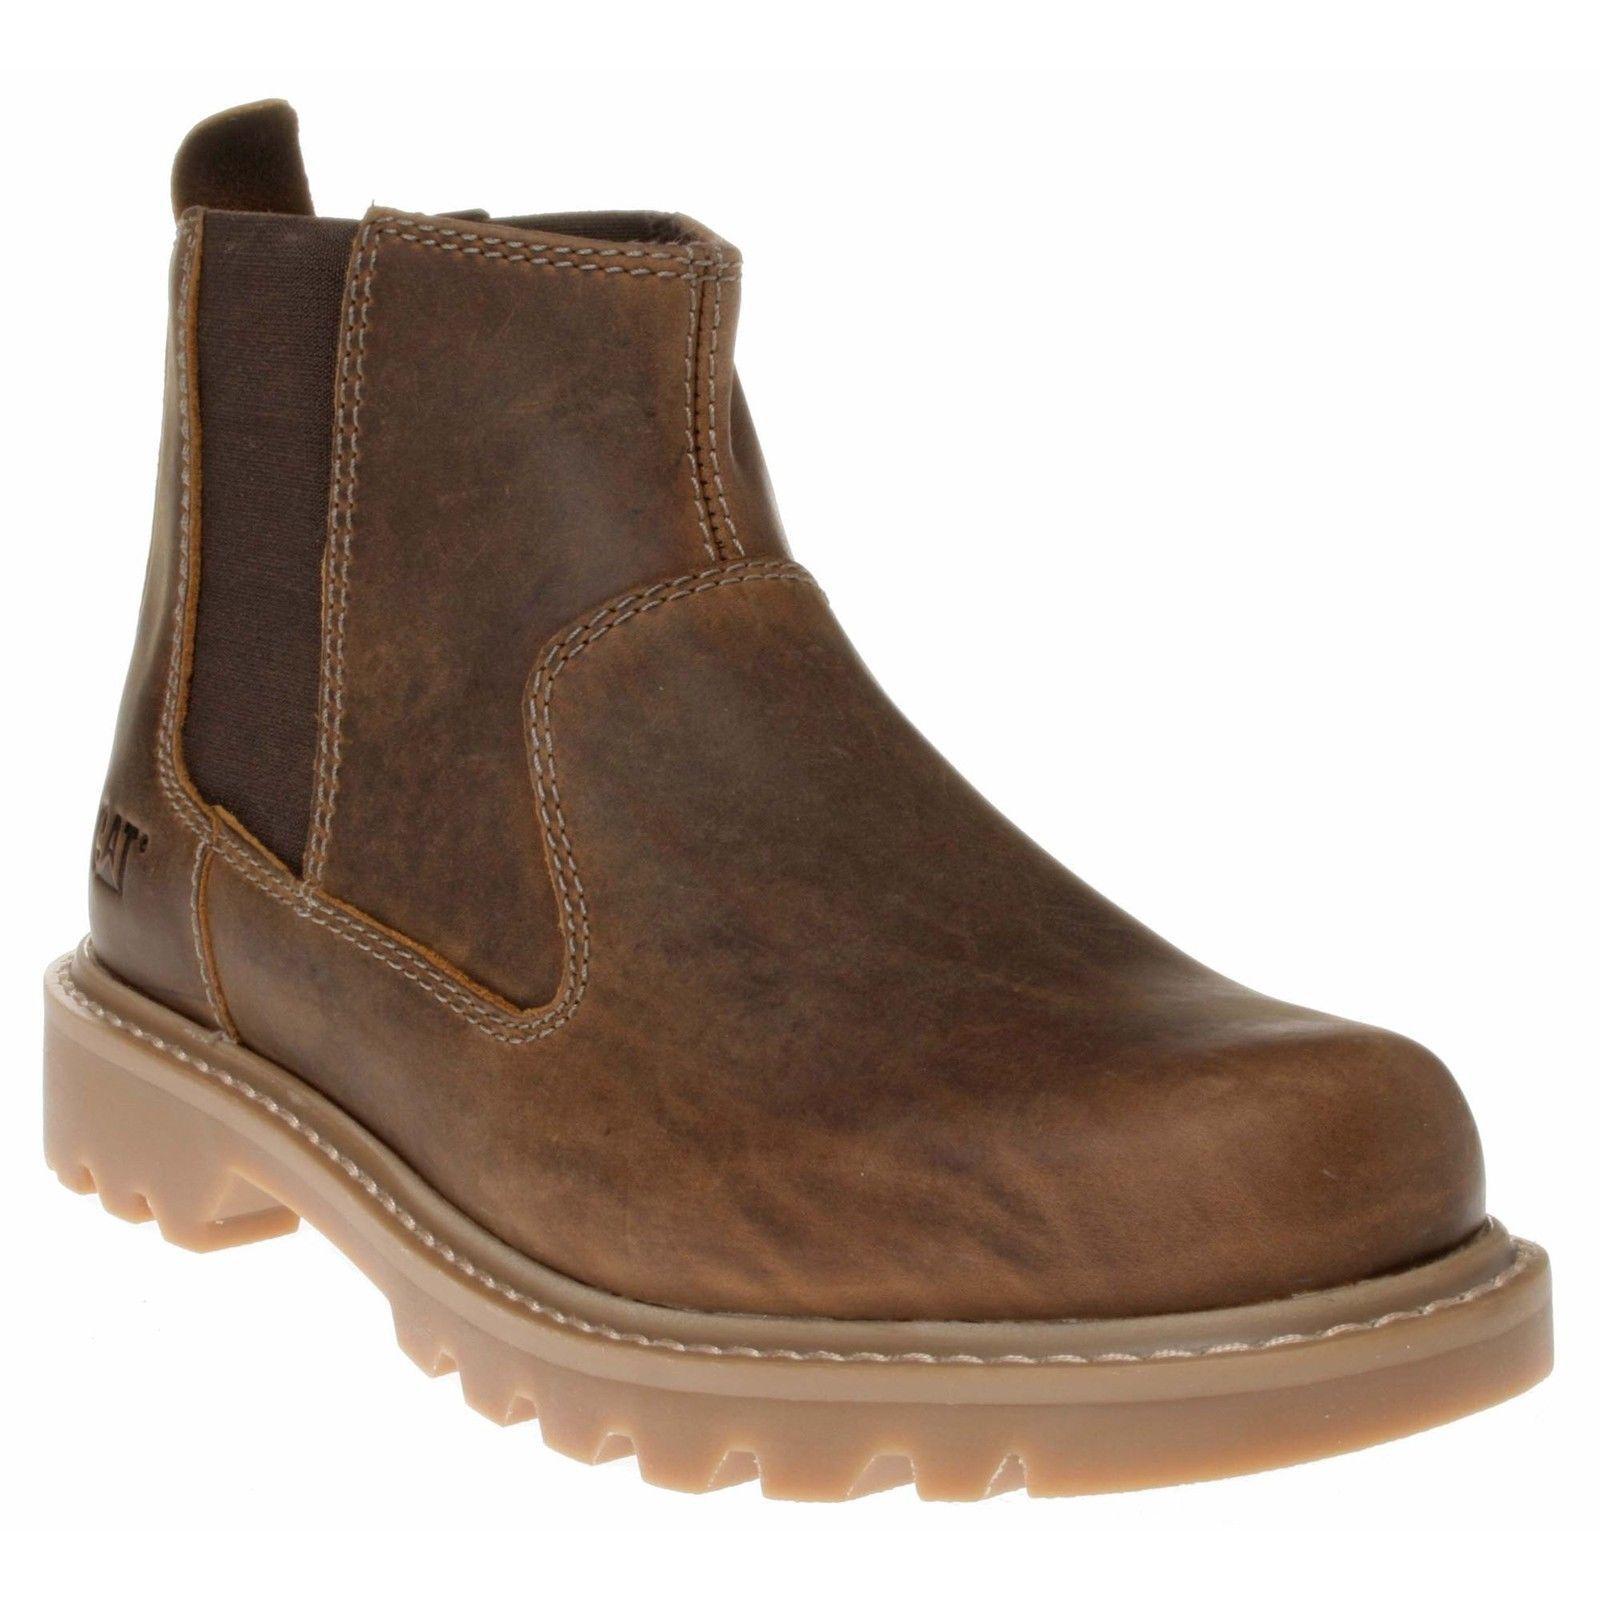 Casual salvaje Mens tamaño Caterpillar Drysdale Tire de cuero elástico Distribuidor Chealsea Boots